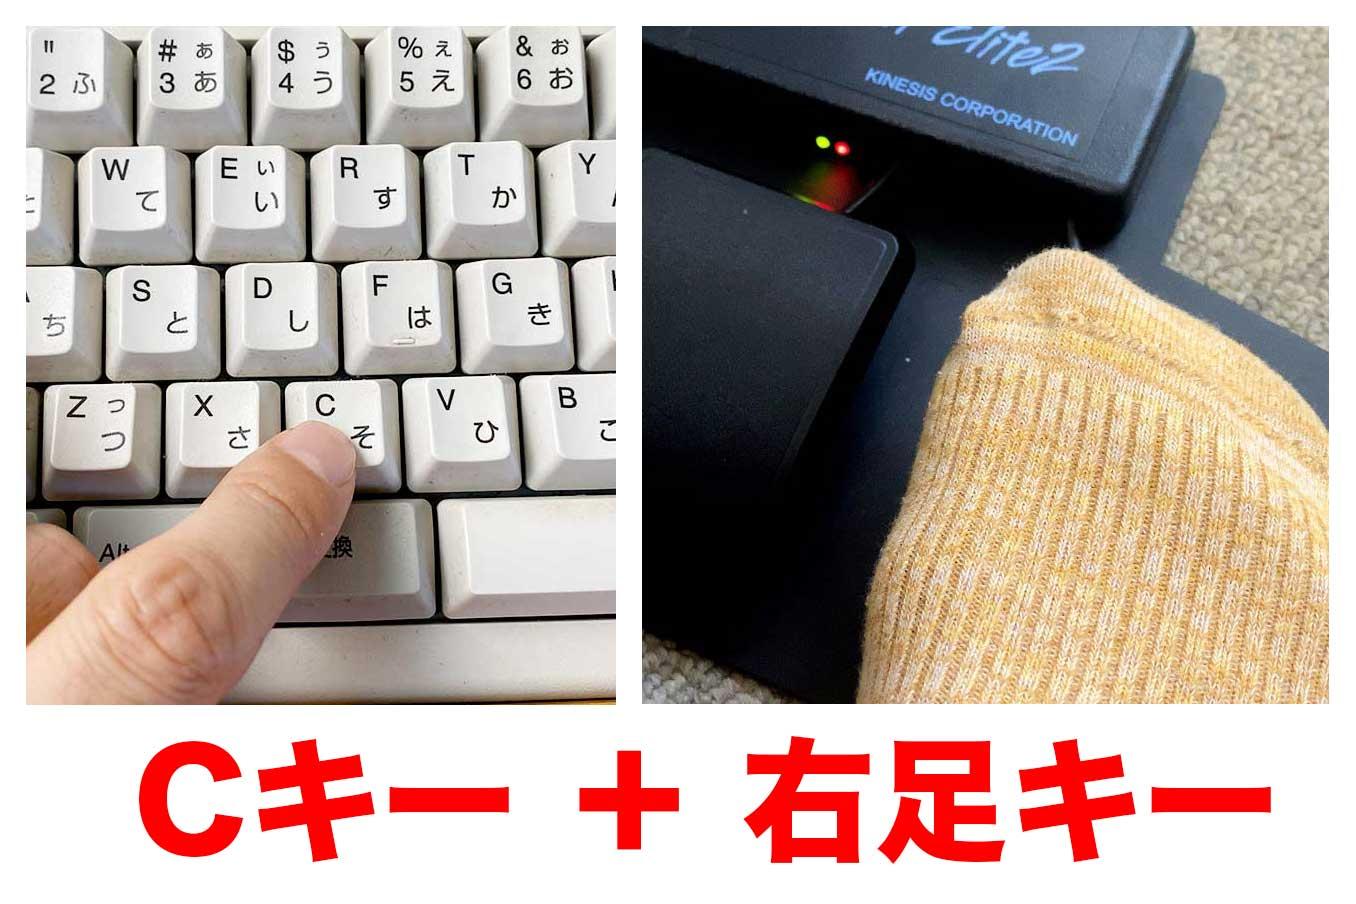 「C」キー + 右足のキー